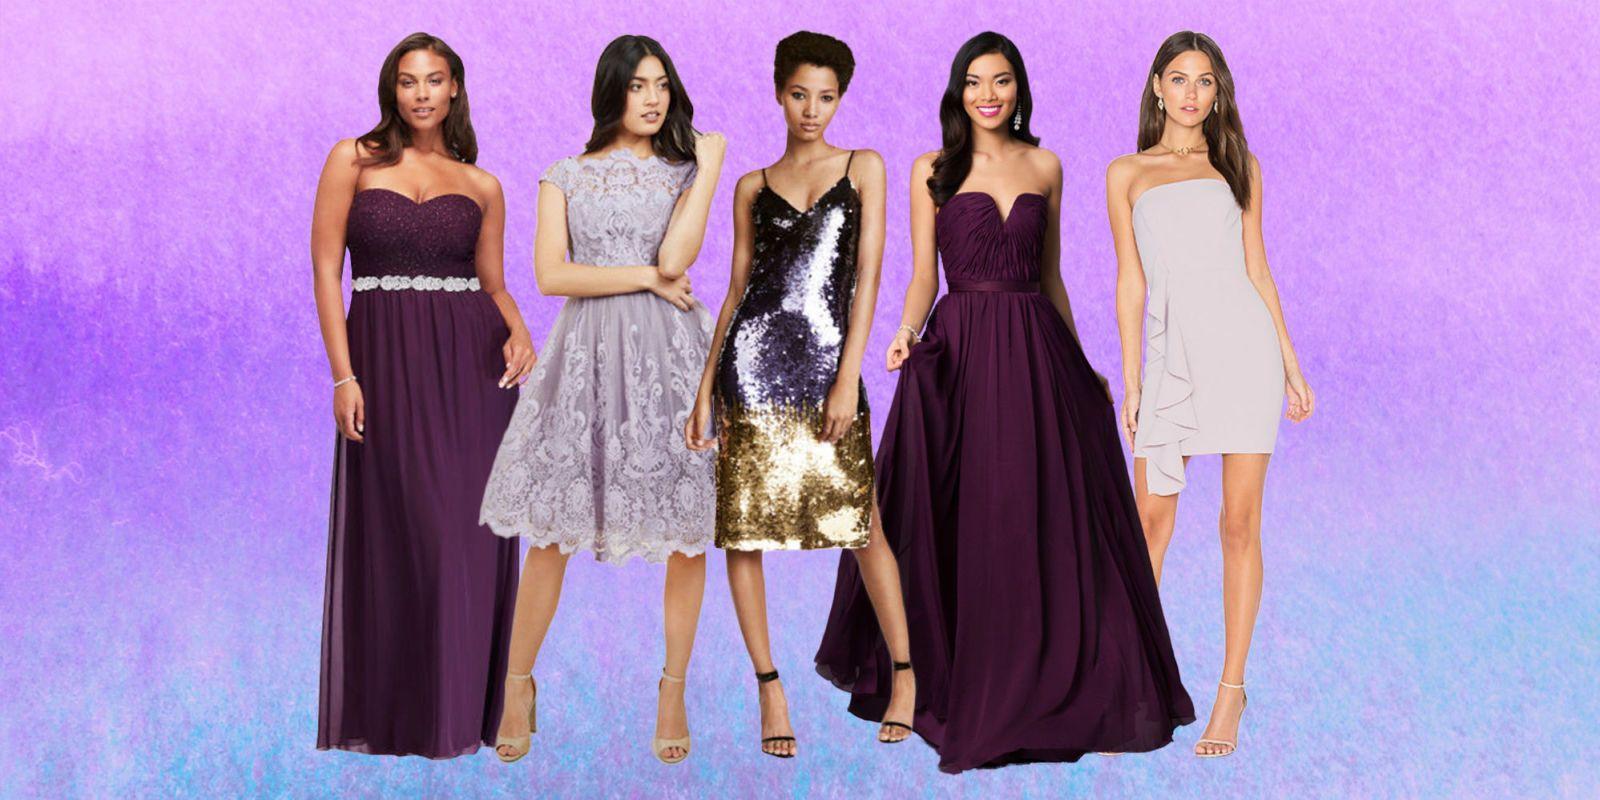 Paint Splatter Prom Dresses for Teens